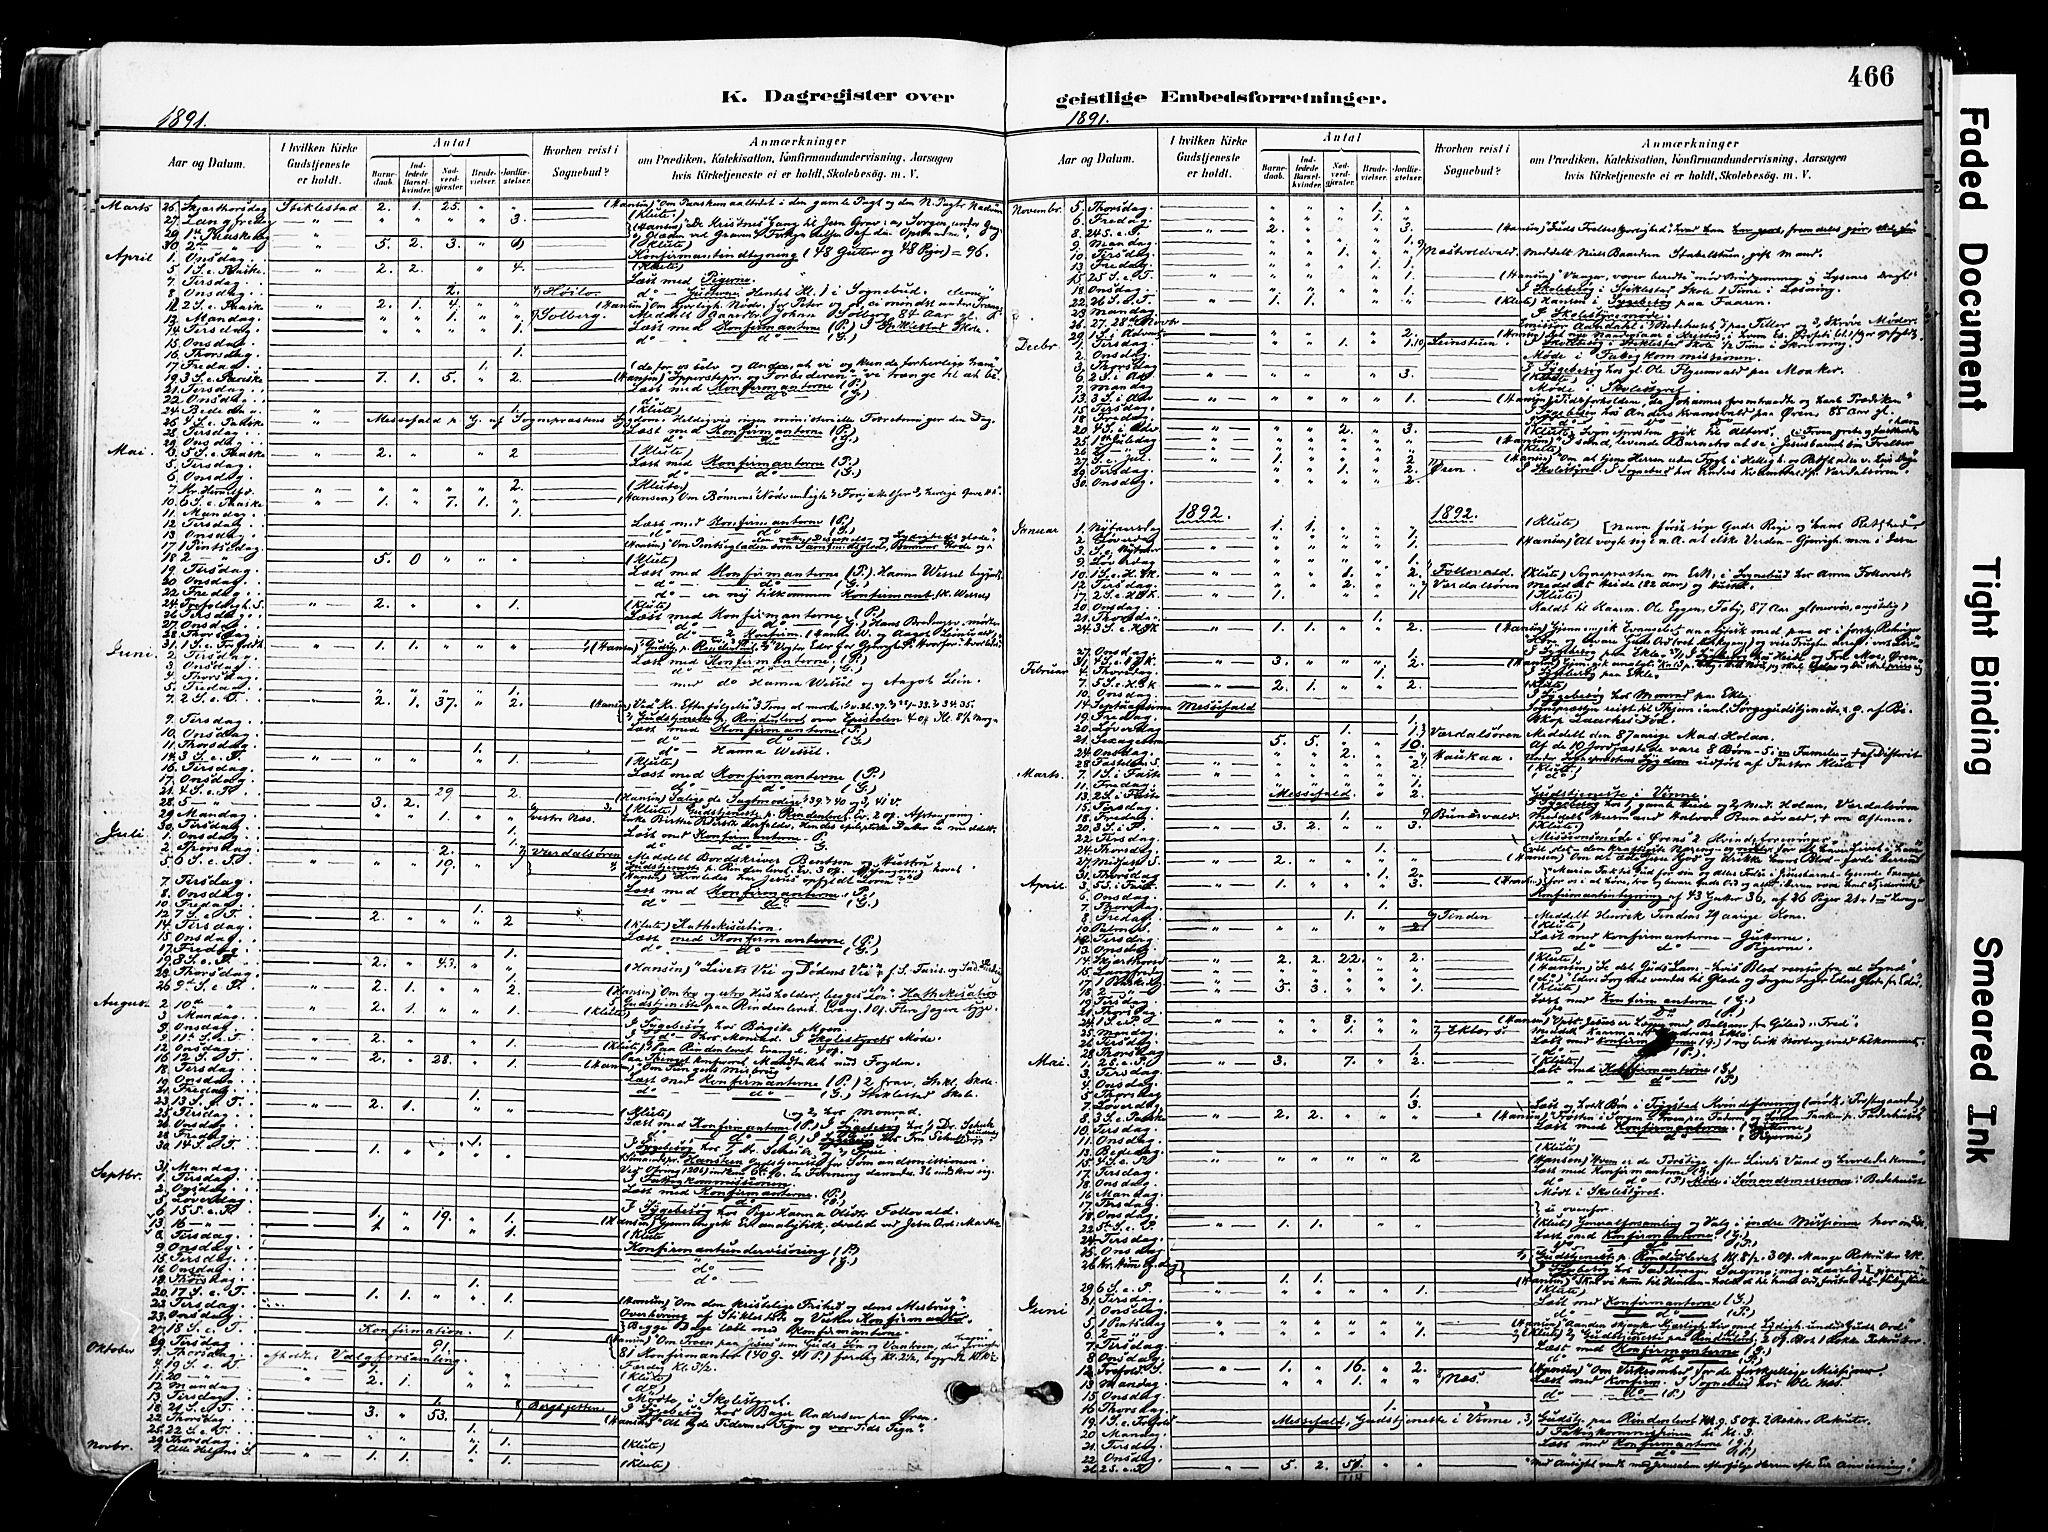 SAT, Ministerialprotokoller, klokkerbøker og fødselsregistre - Nord-Trøndelag, 723/L0244: Ministerialbok nr. 723A13, 1881-1899, s. 466